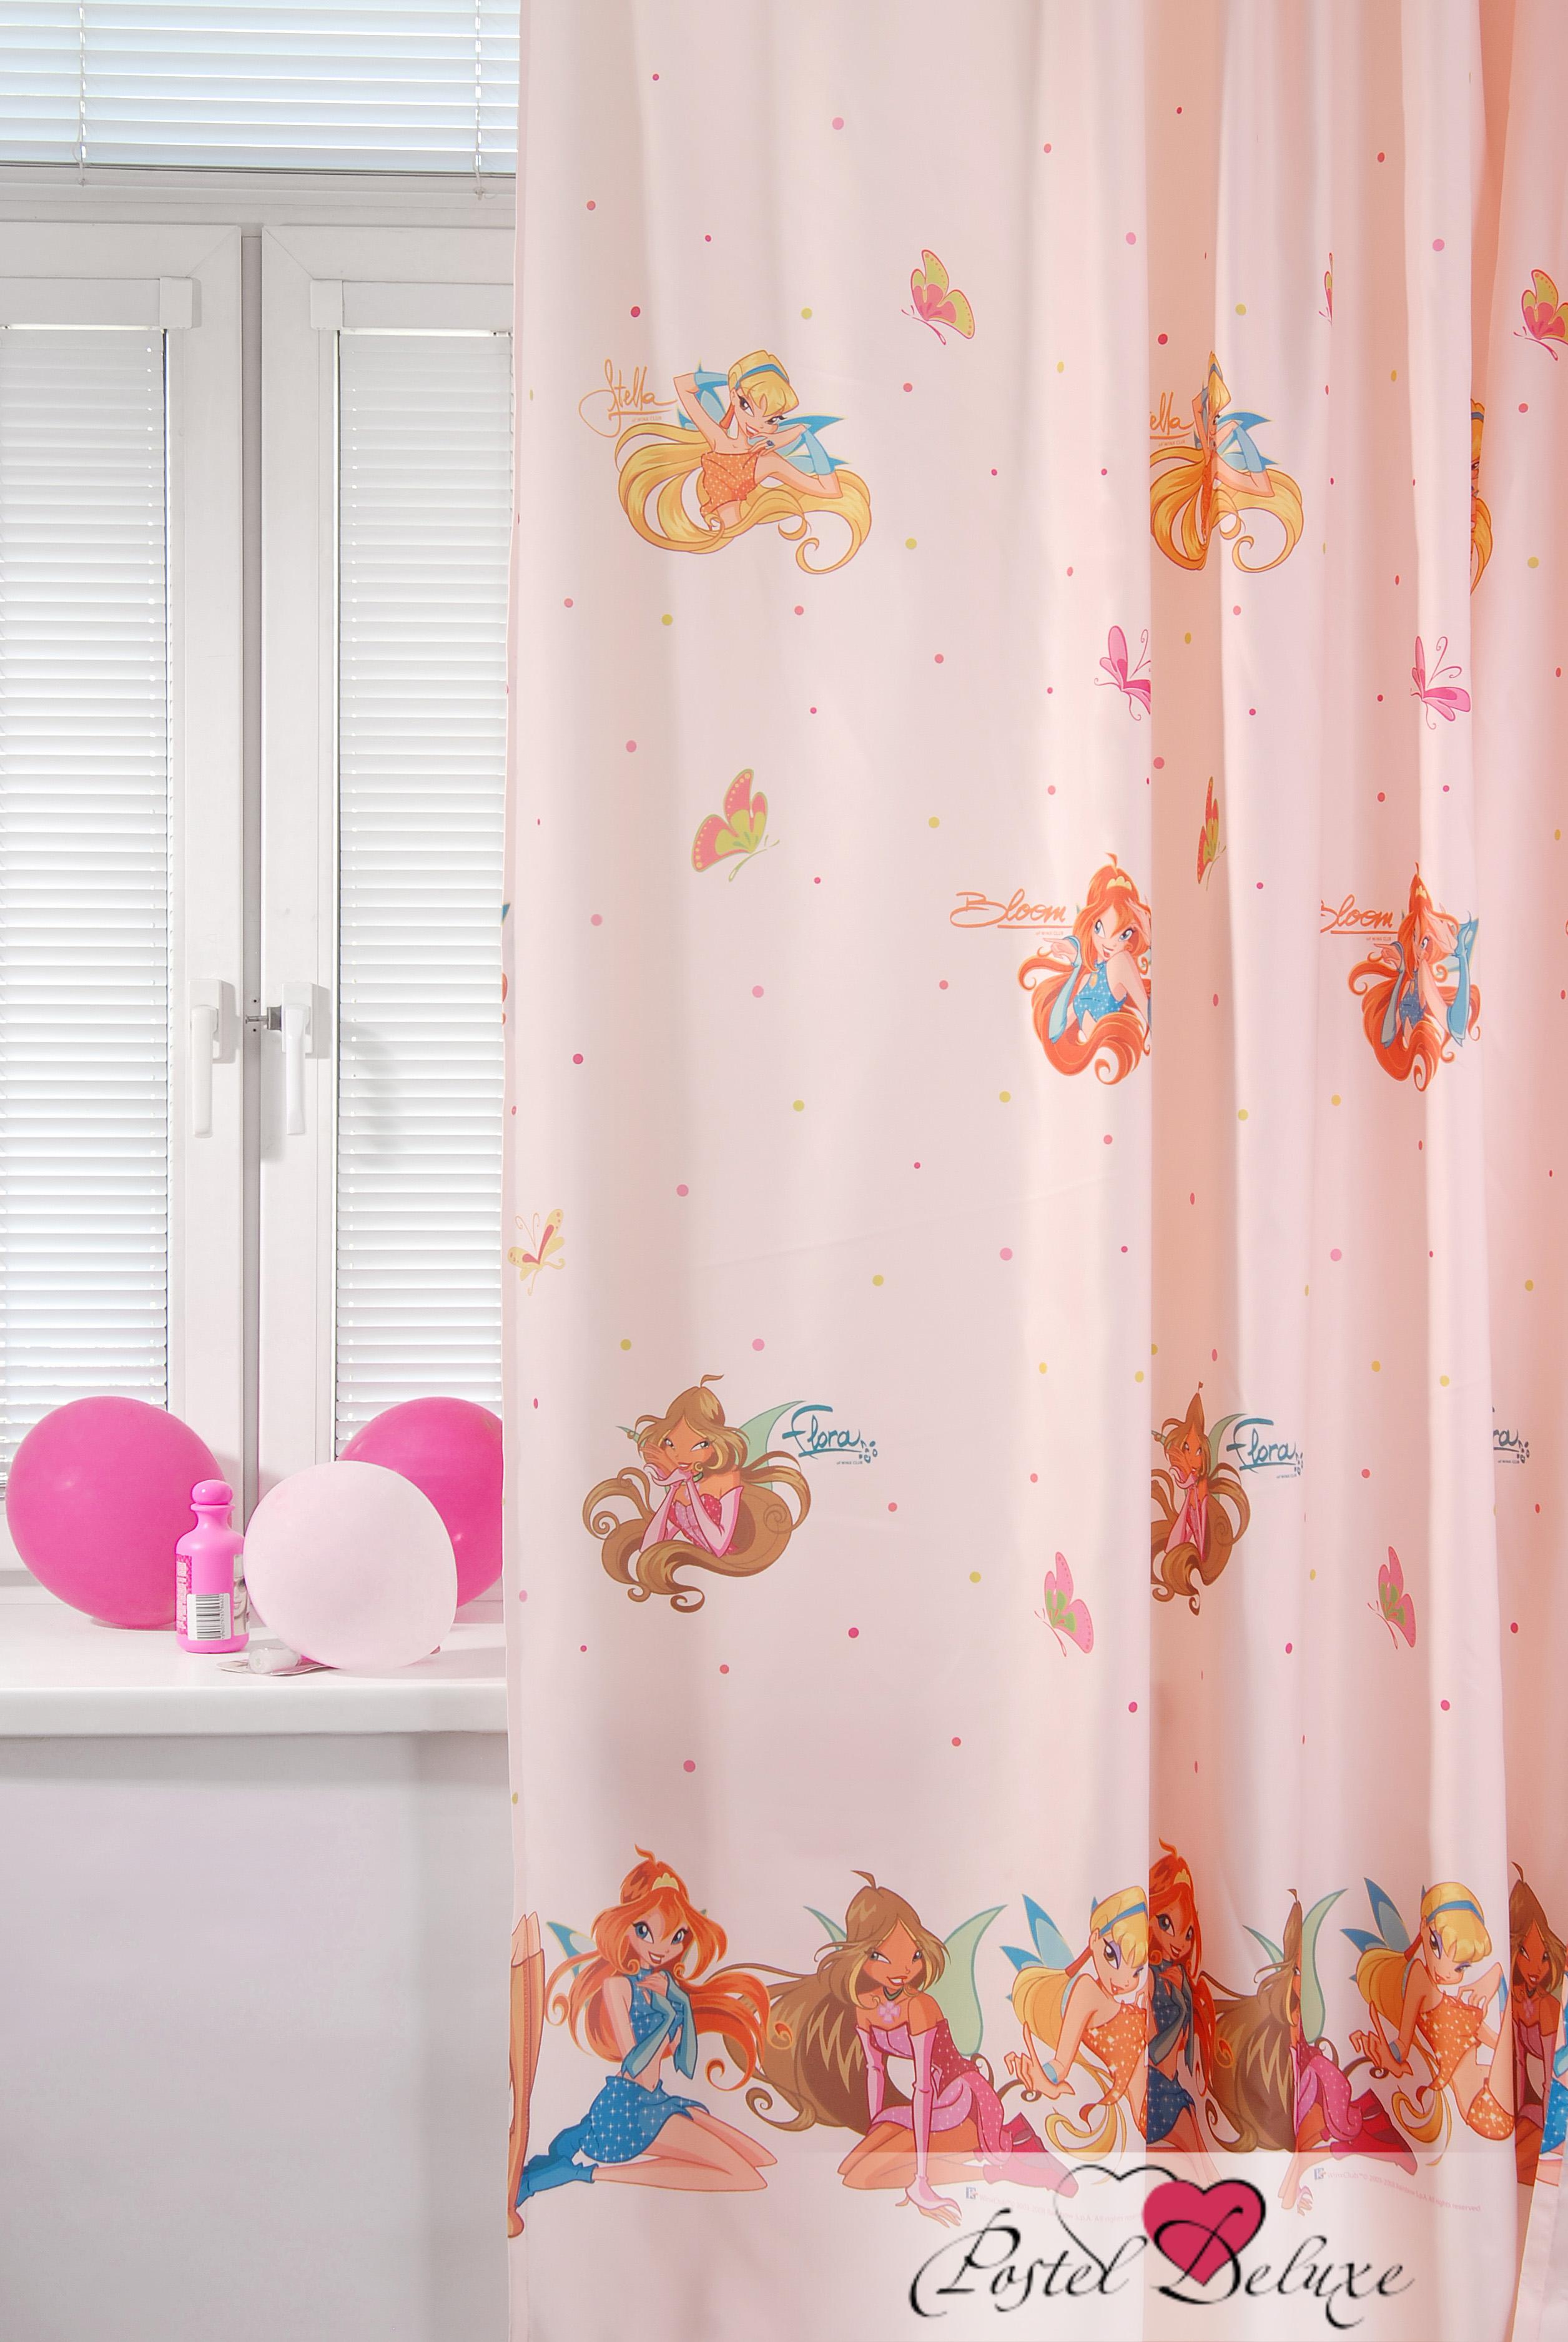 Шторы TAC Классические шторы Winx Цвет:  Персиковый (200x265 см.) штора портьерная детская tac винни радуга 200x265 персиковый gs0022